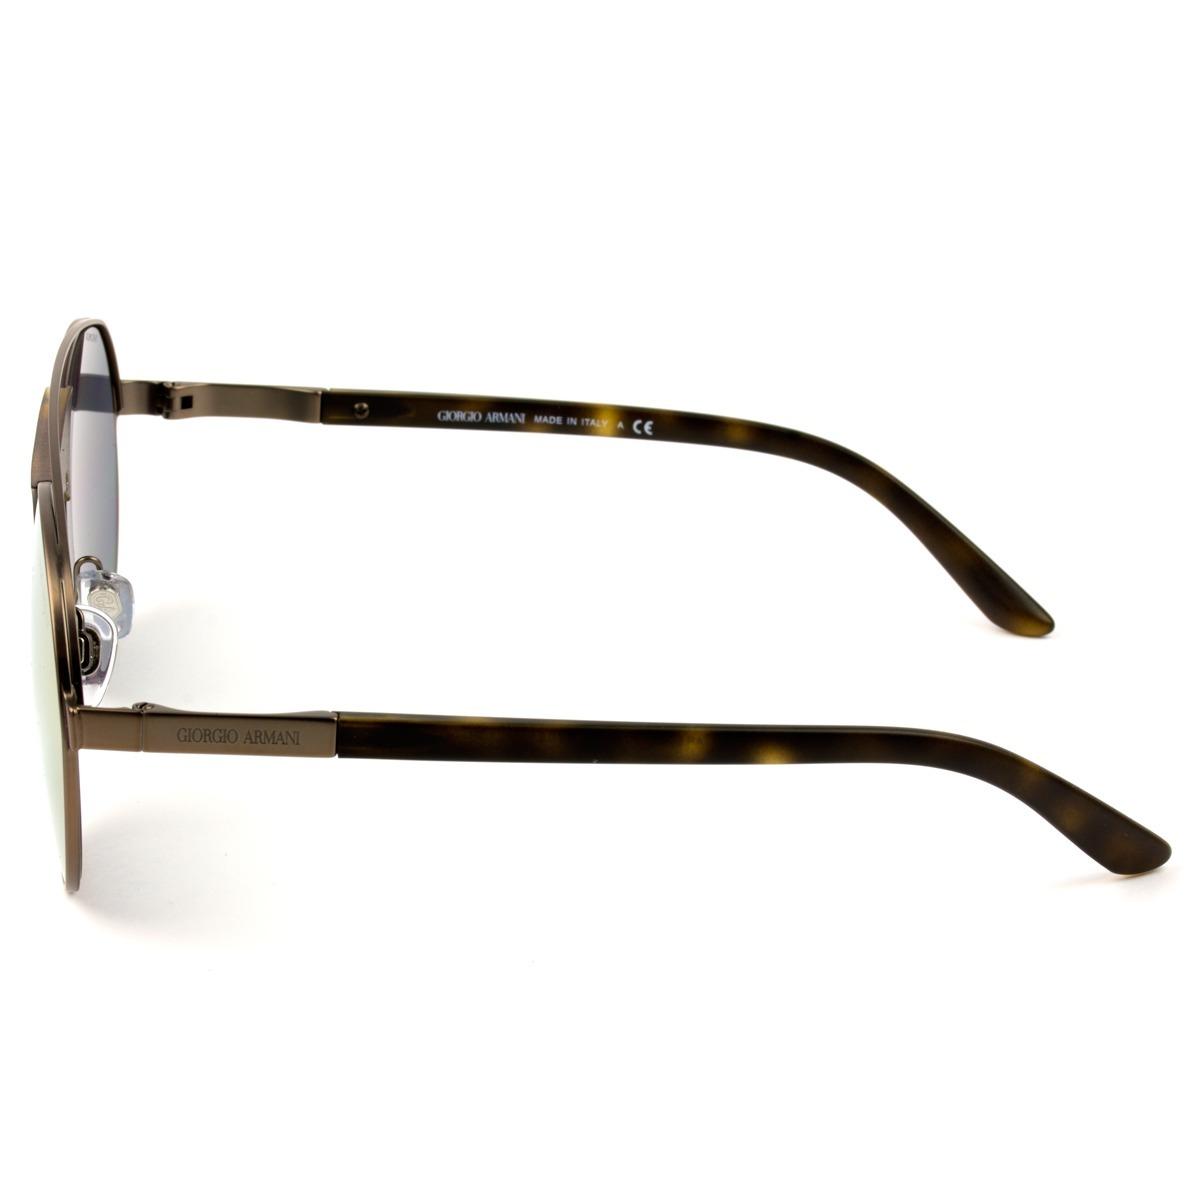 587465884 Óculos De Sol Giorgio Armani Ar6047 53 - Nota Fiscal - R$ 939,00 em ...